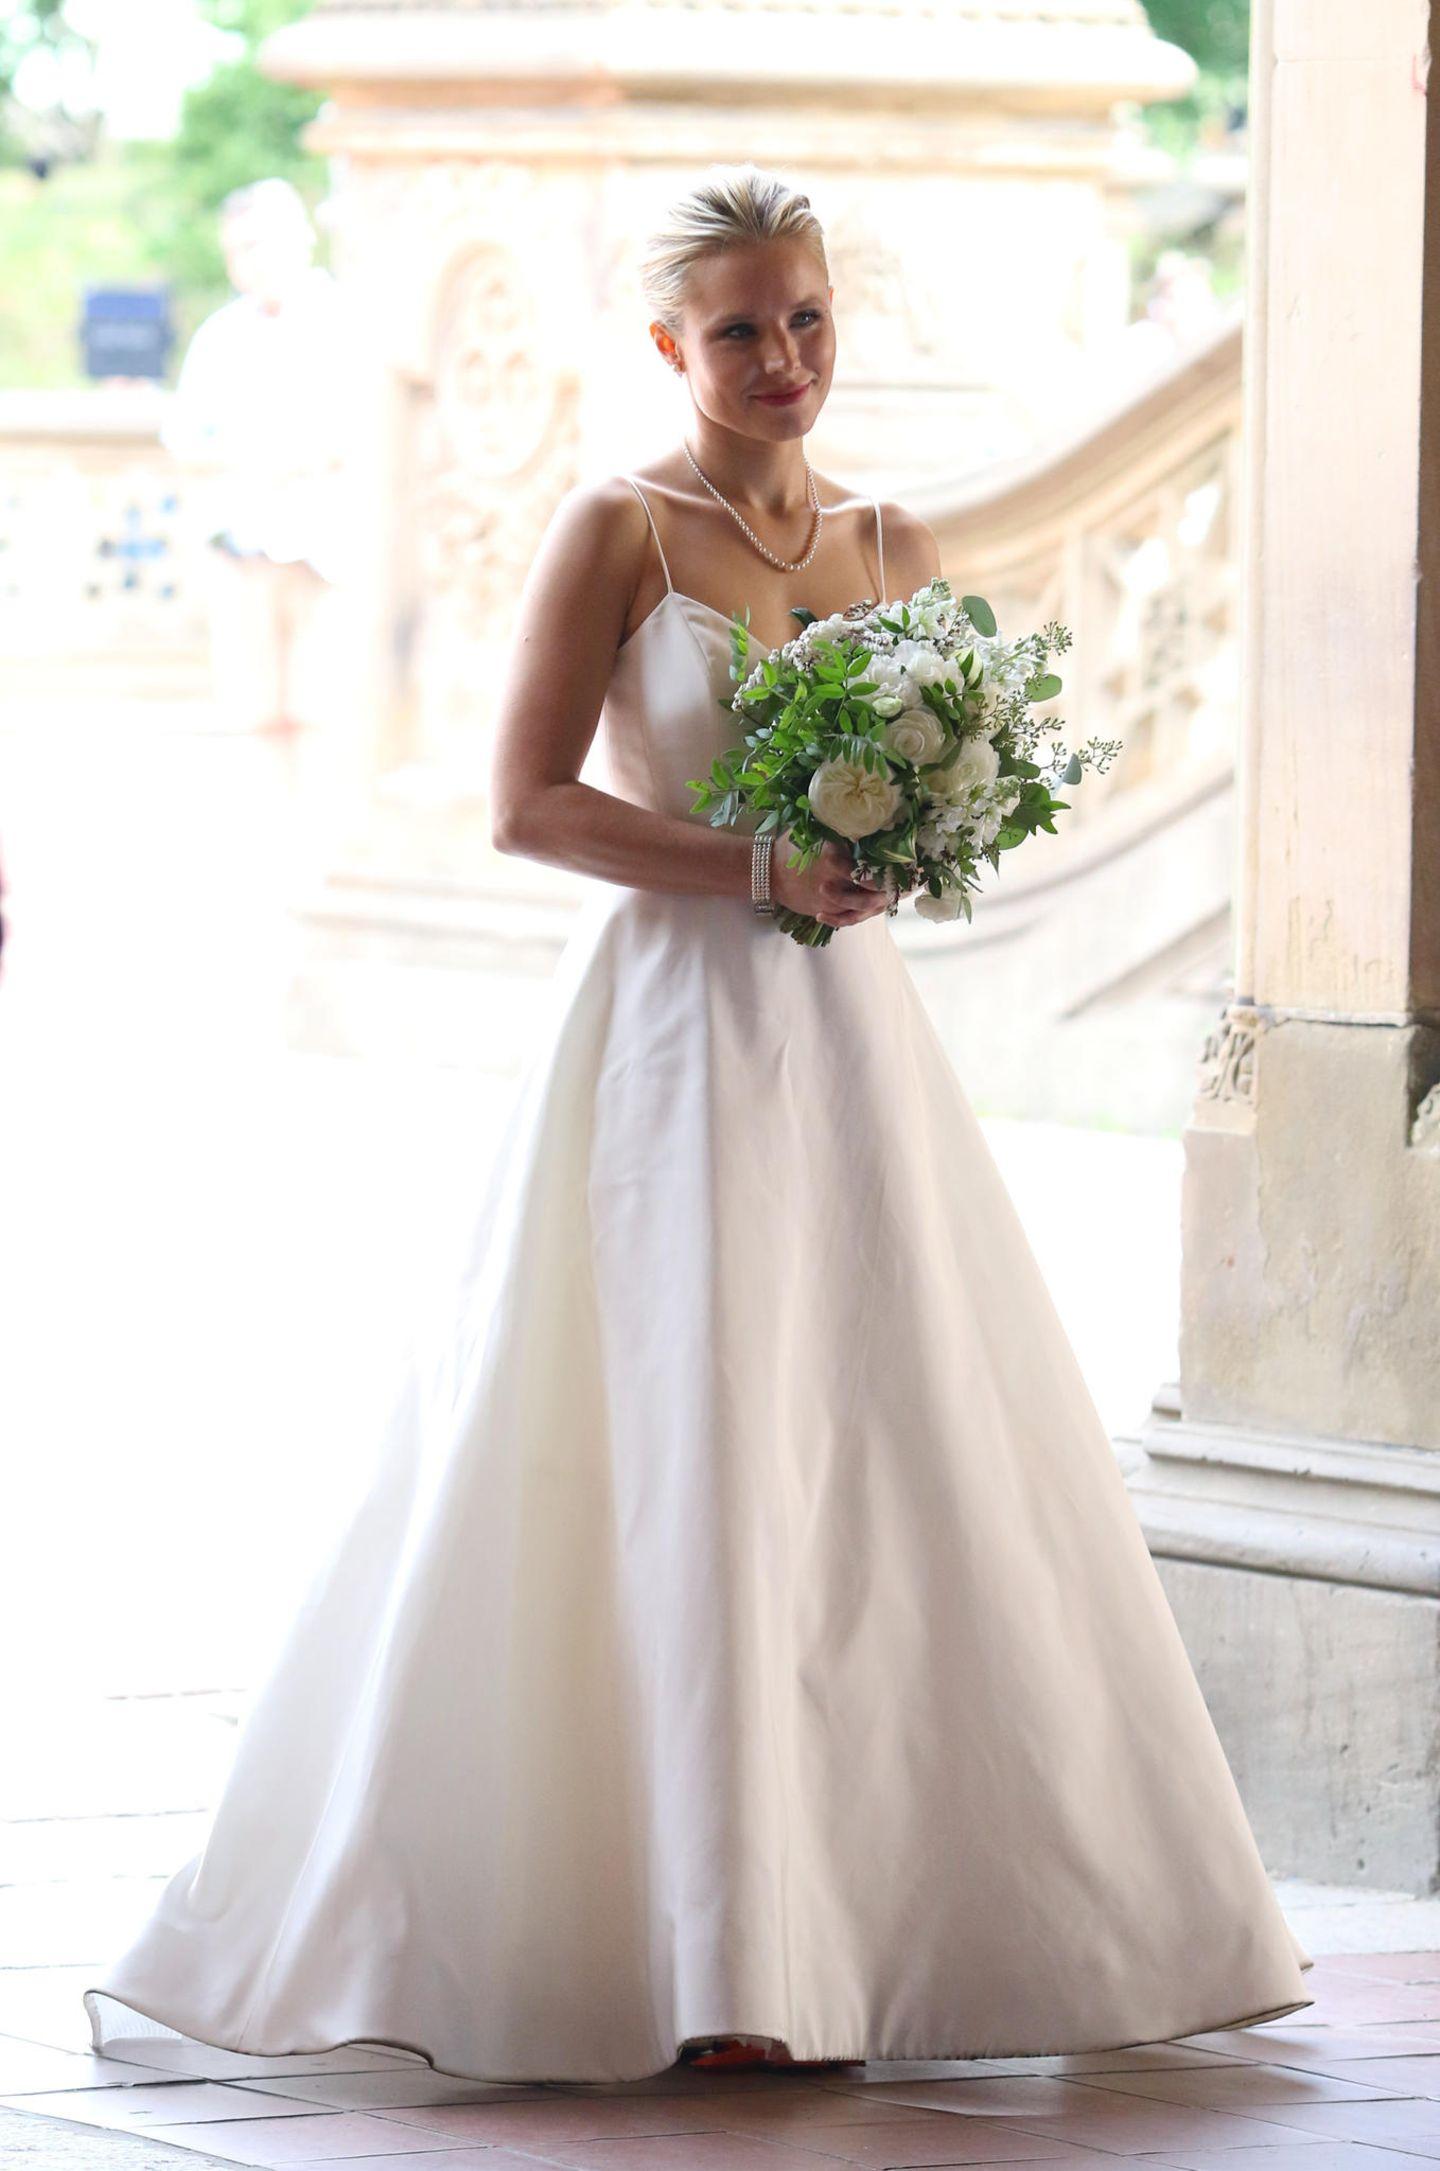 """Hier stimmt doch etwas nicht: Schauspielerin Kristen Bell ist doch schon verheiratet. Keine Sorge, Ehemann Dax Shepard wird nicht ausgetauscht. Für ihre Rolle im neuen Film """"Like Father"""" schlüpft die hübsche Blondine erneut in ein Hochzeitskleid."""